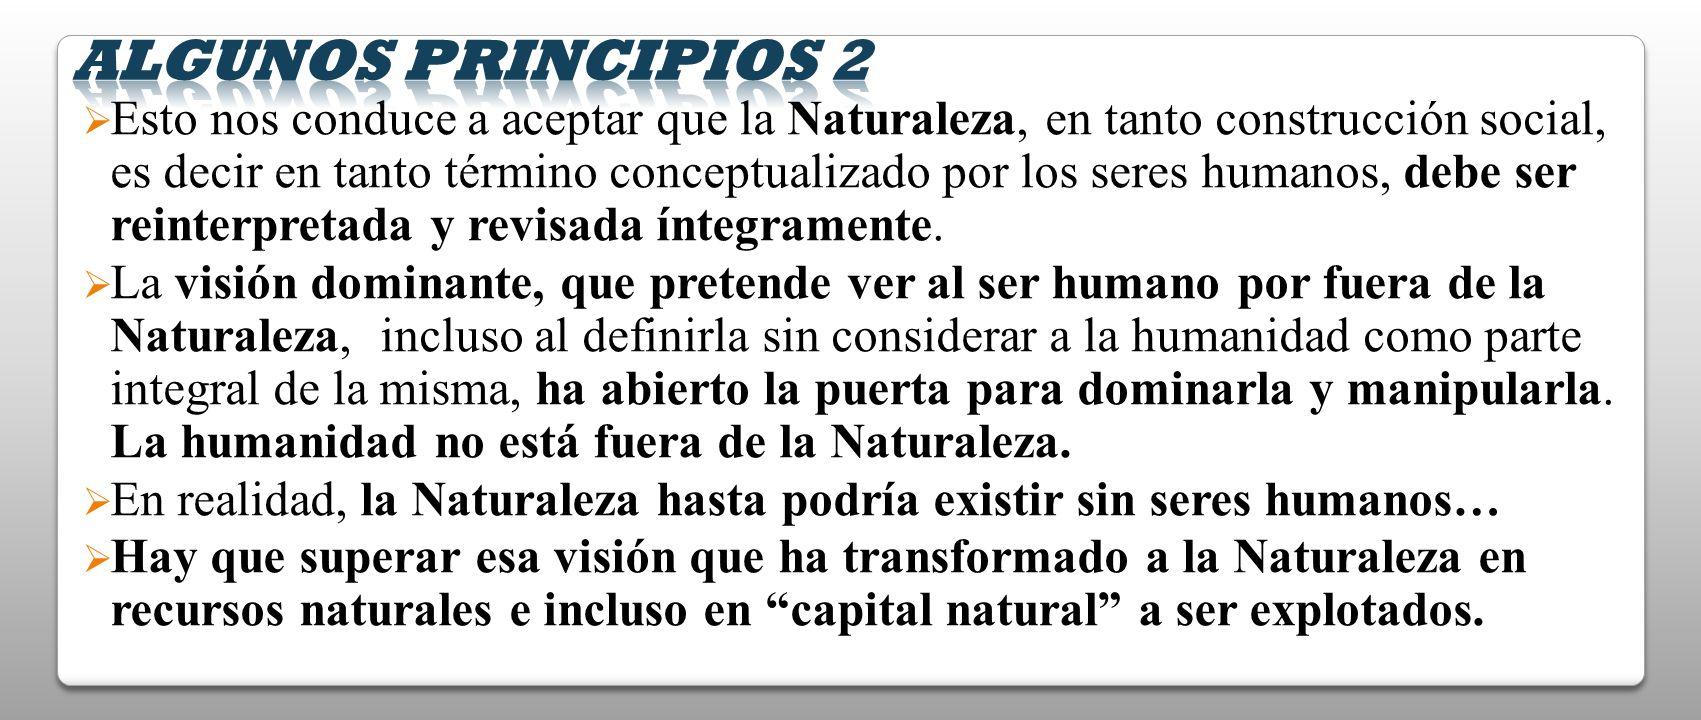 Algunos principios 2